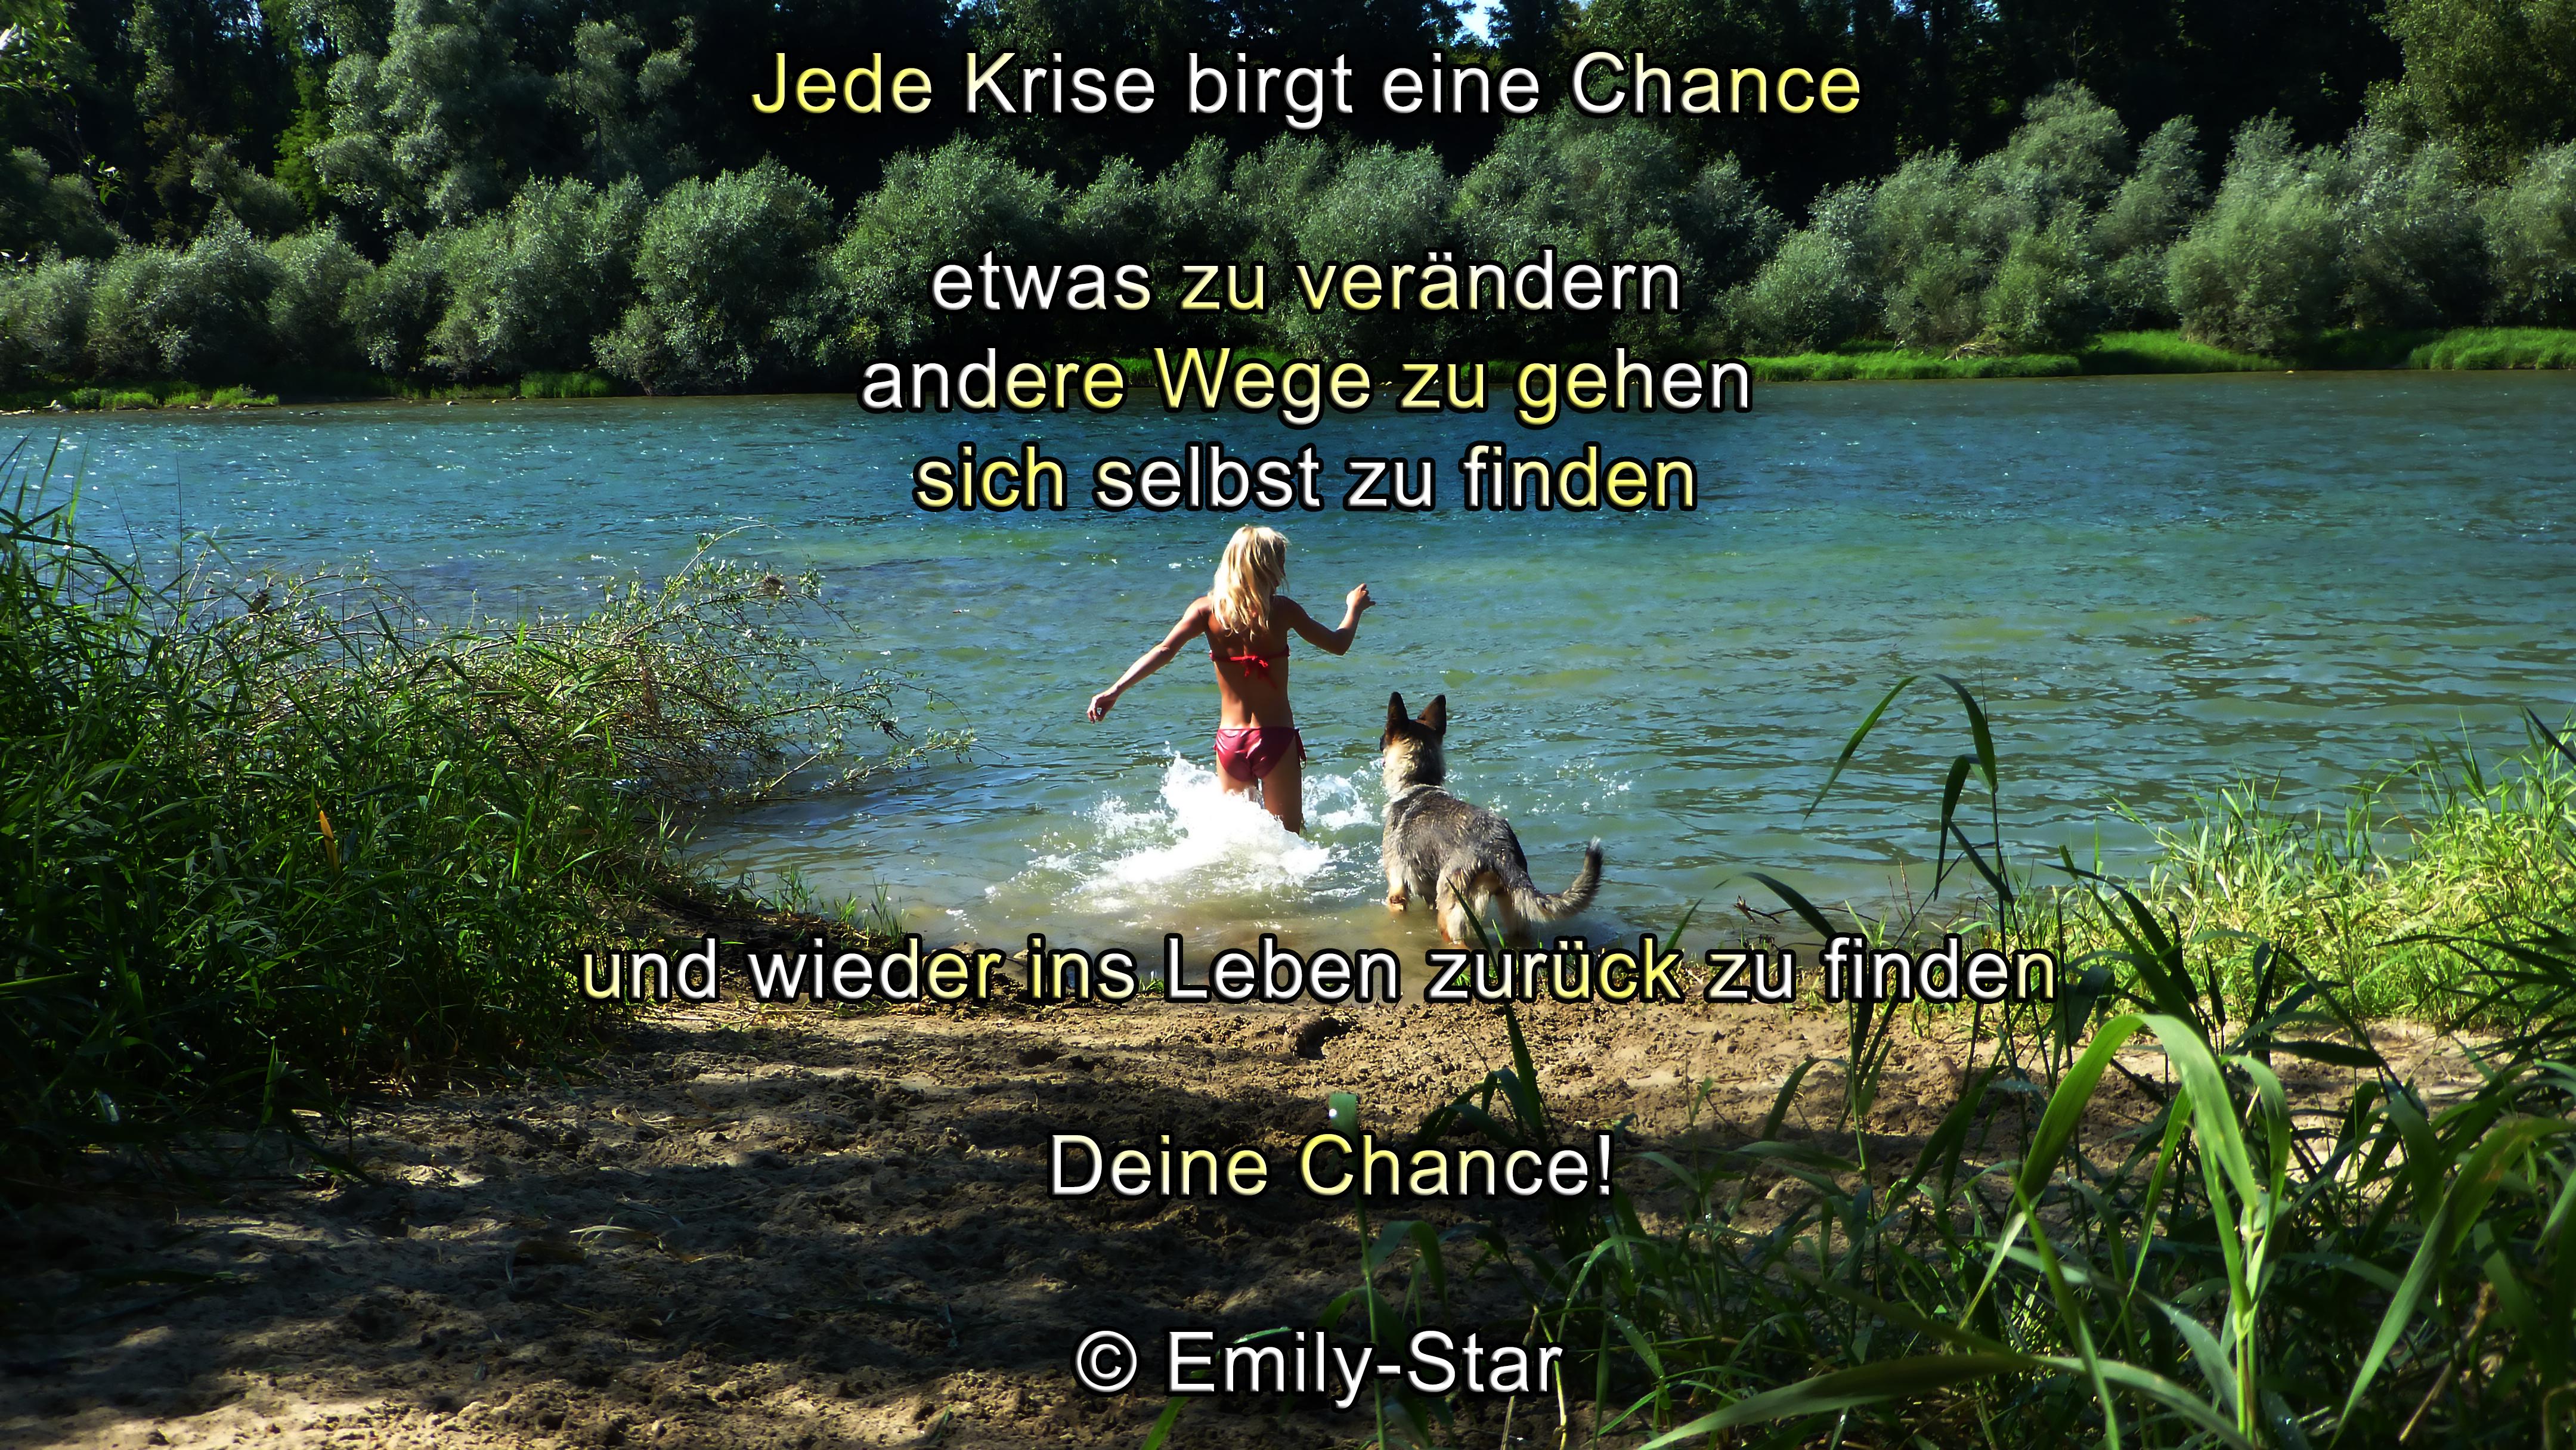 Jede Krise birgt eine Chance, etwas zu verändern, andere Wege zu gehen, sich selbst zu finden und wieder ins Leben zurück zu finden. Deine Chance! © Emily-Star